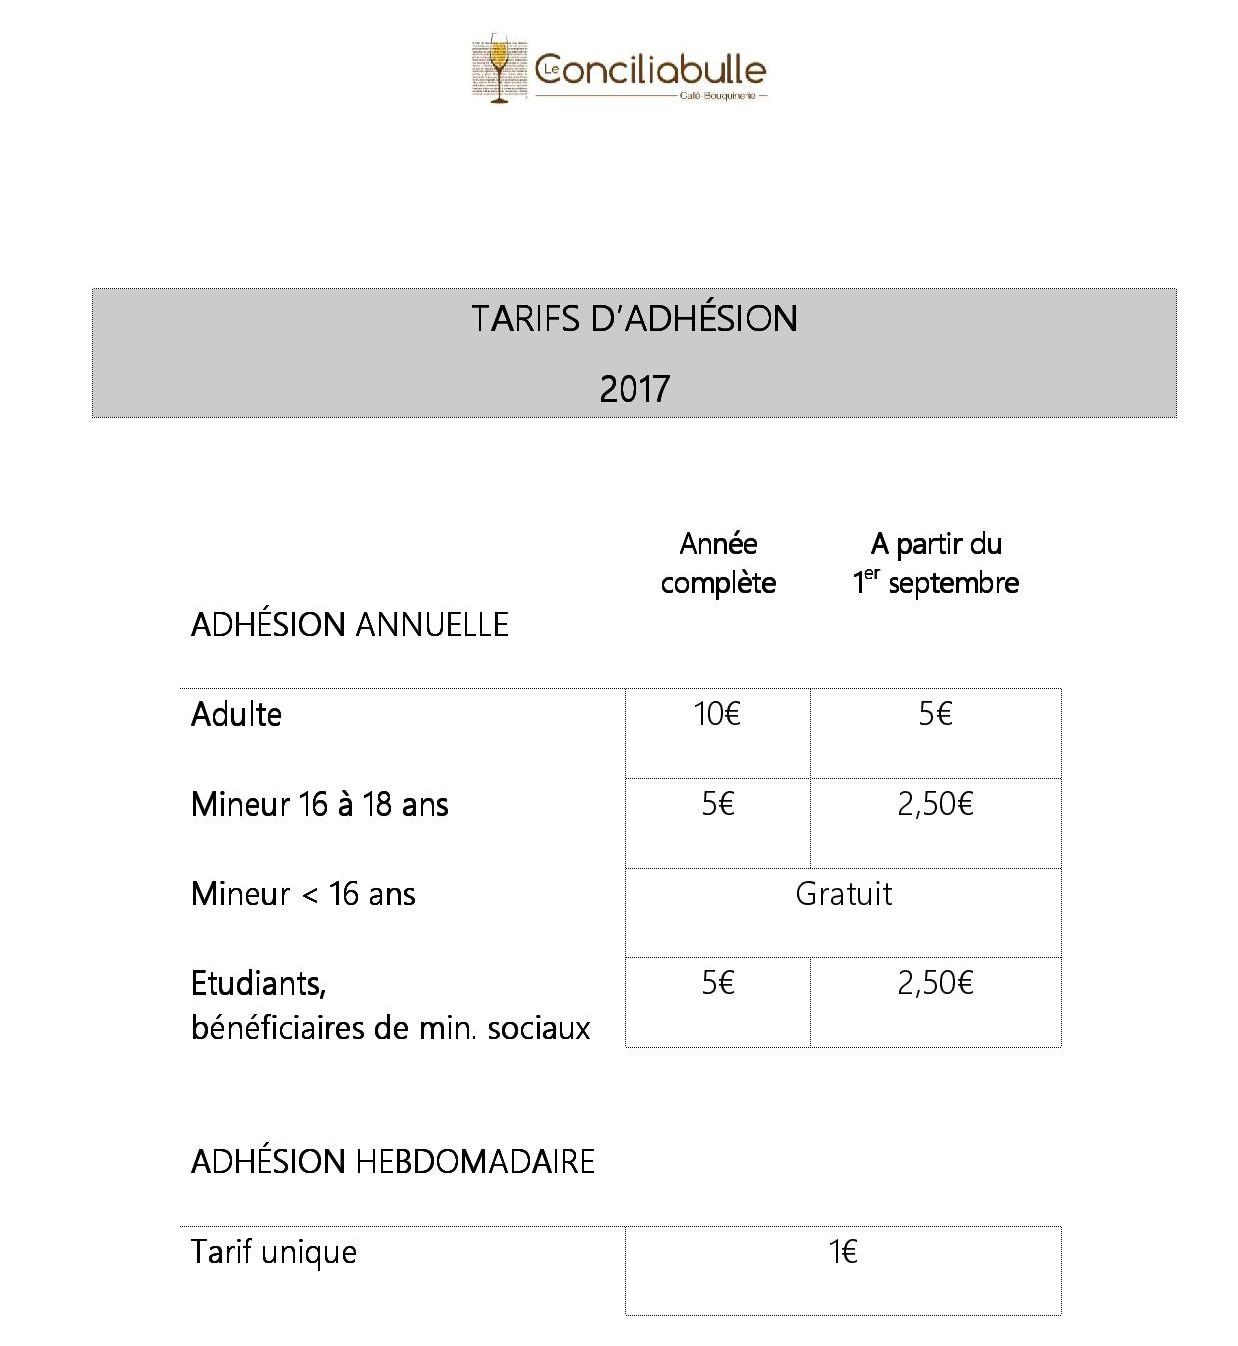 tarifs-d-adhesion-2017-page-001